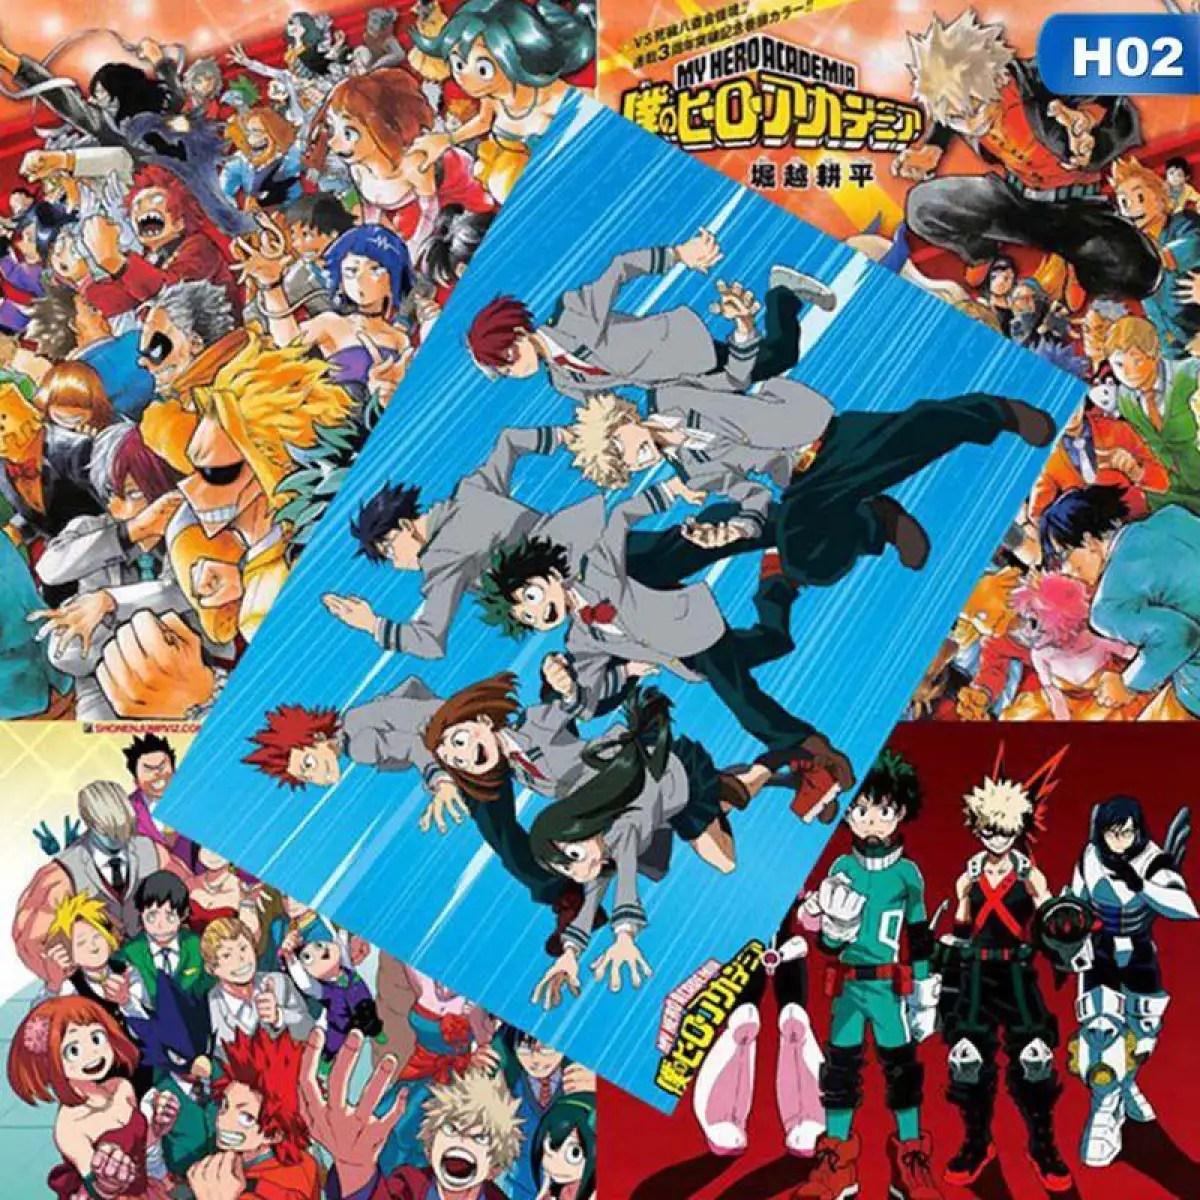 sys 8 pcs anime my hero academia demon slayer kimetsu no yaiba hd home decor poster wall art painting poster